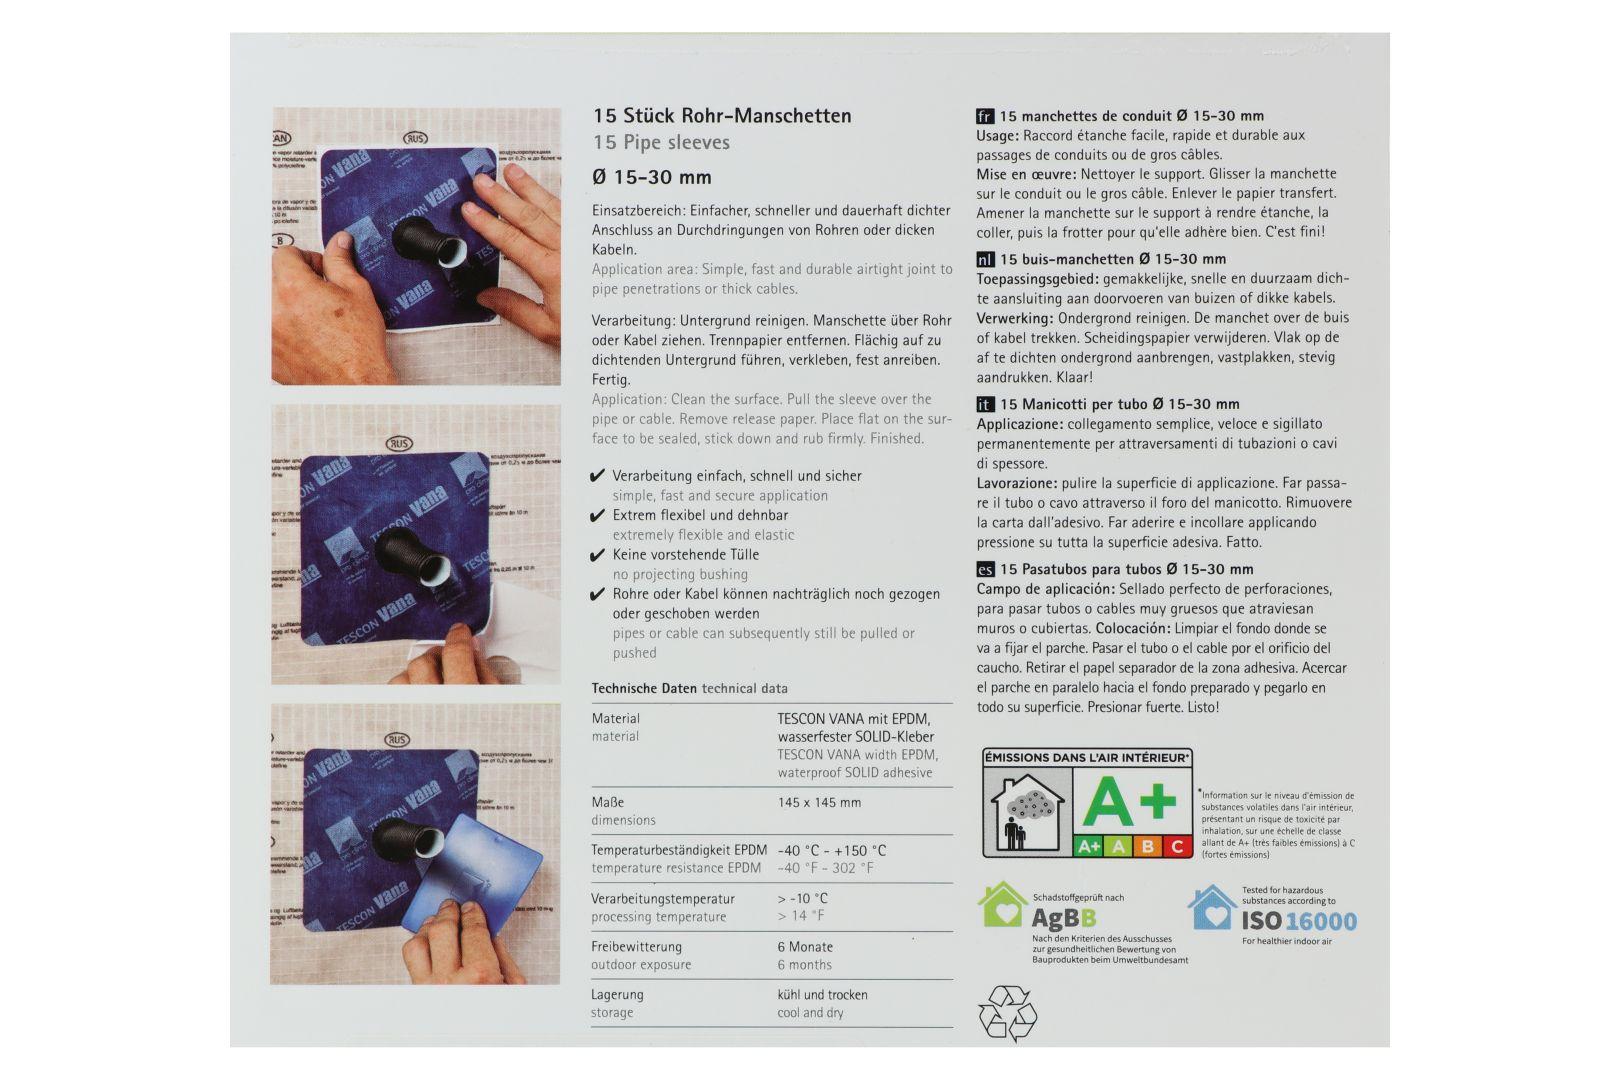 pro clima ROFLEX 20 Rohr-Manschette, 145 x 145 mm, für Rohre mit Ø 15 - 30 mm, 1 Manschette